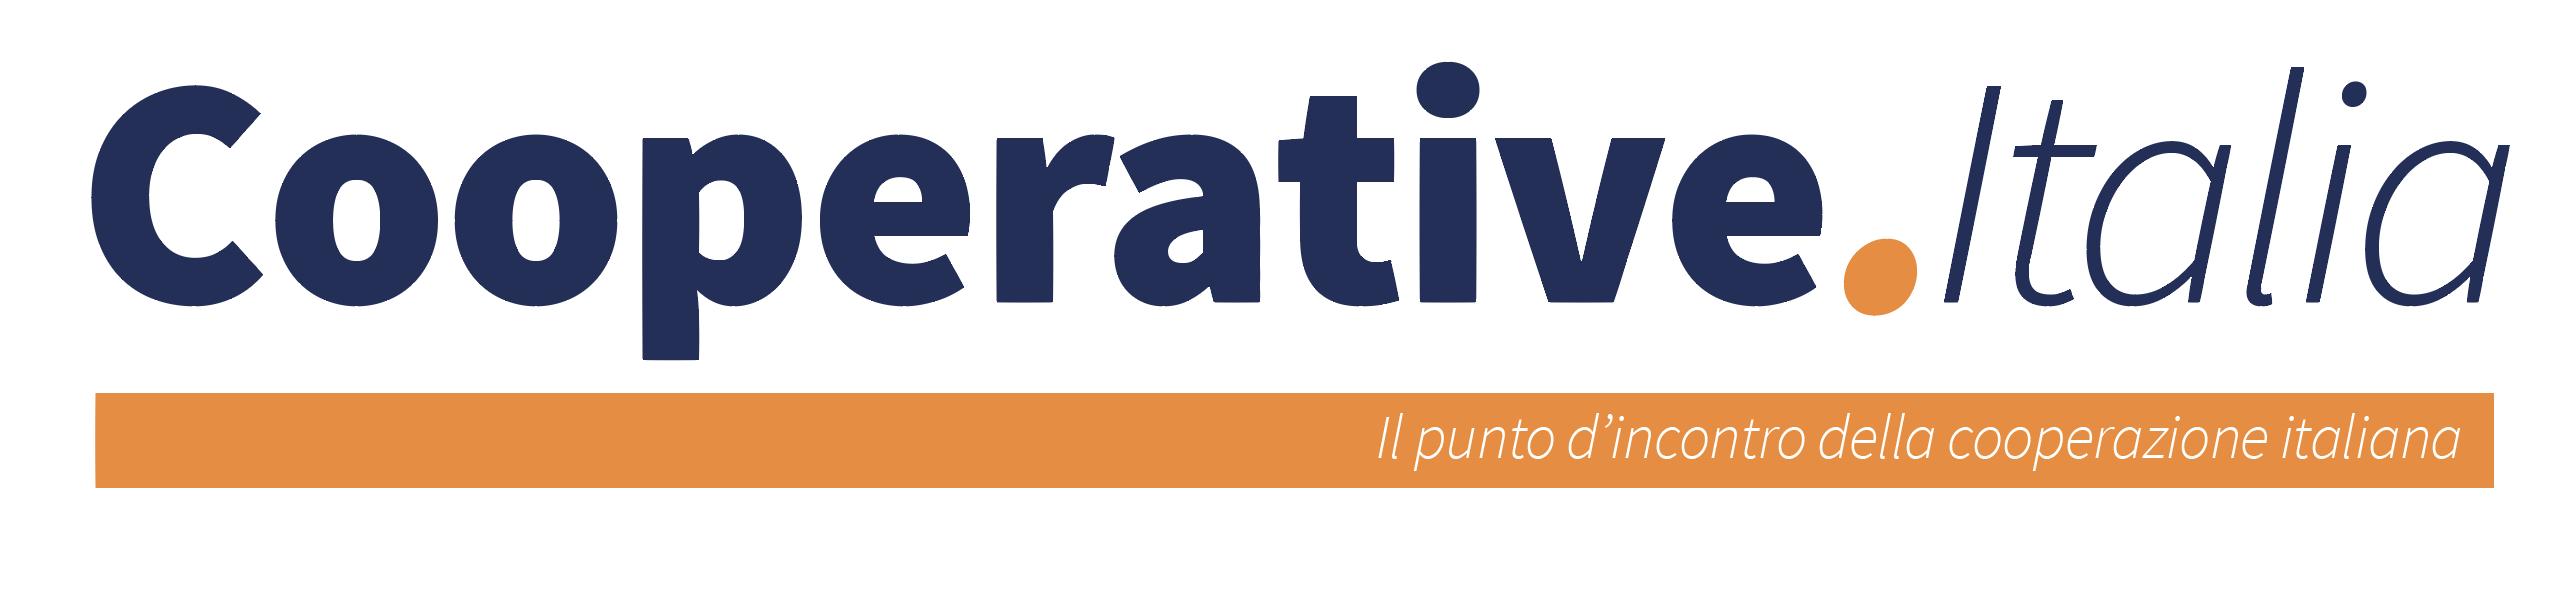 Cooperative Italia - Innovazione Sociale, StartUp